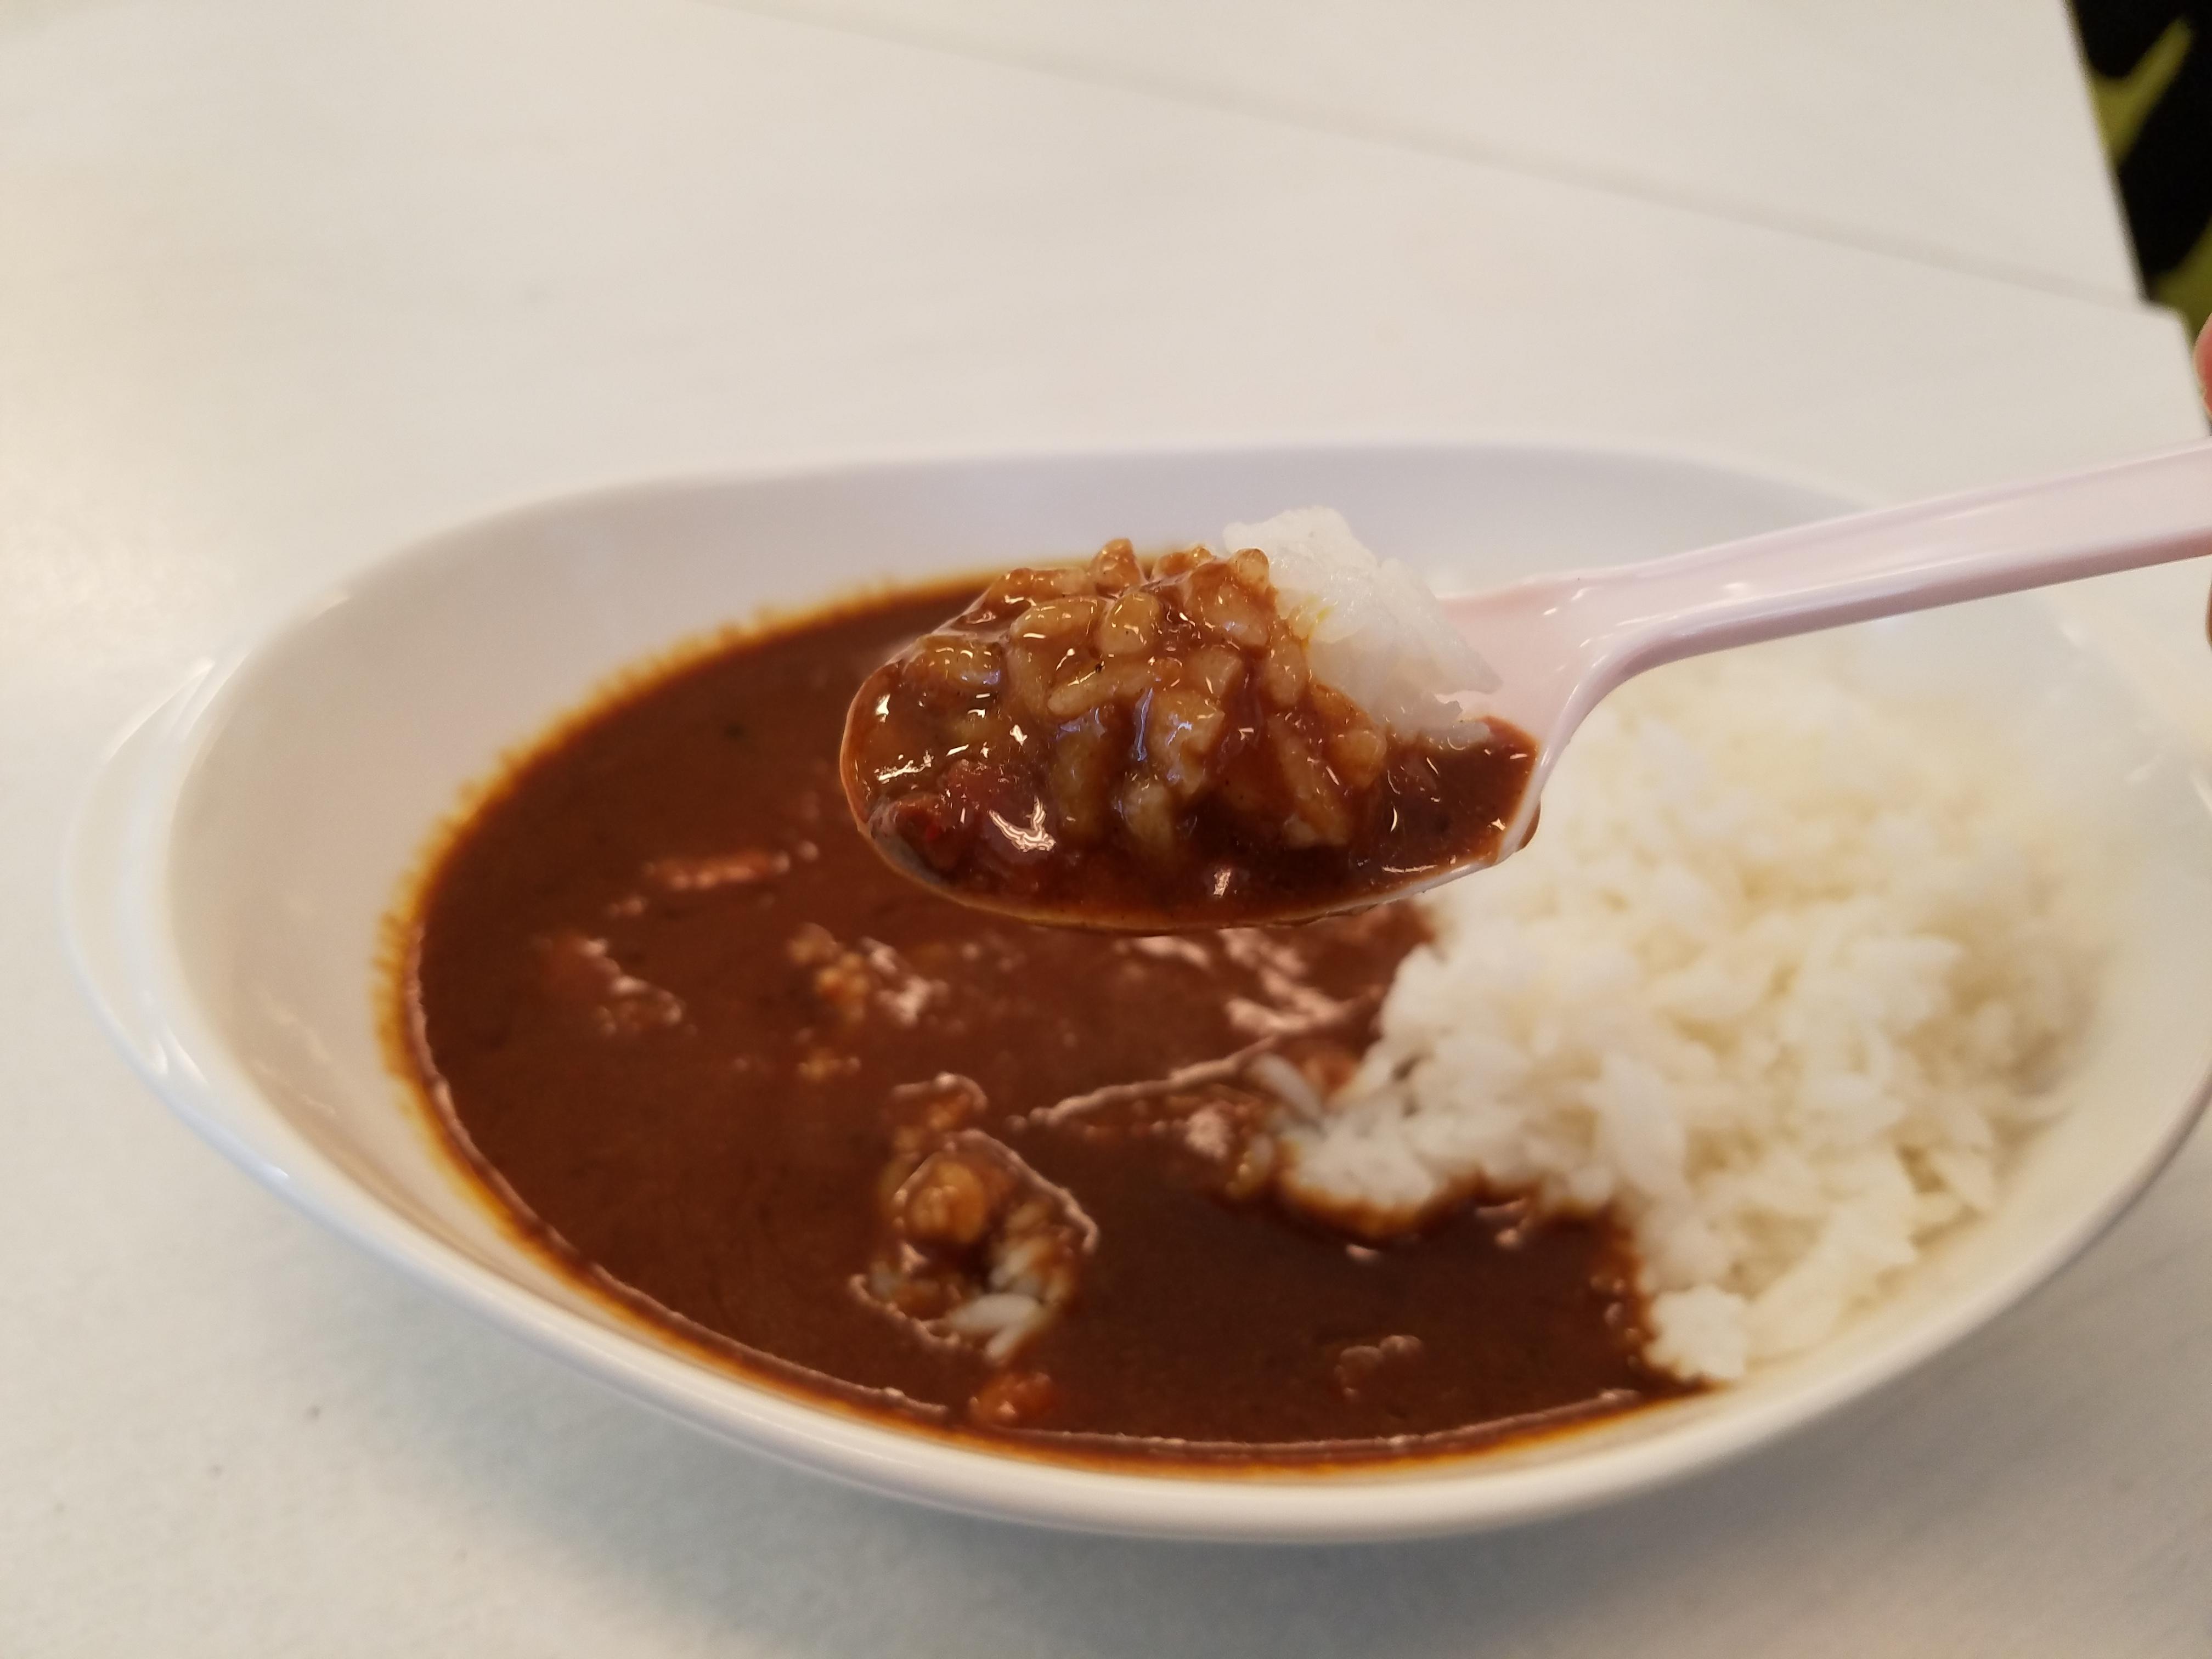 ペッパー風味のブラックカリー_スプーンアップ①.jpg